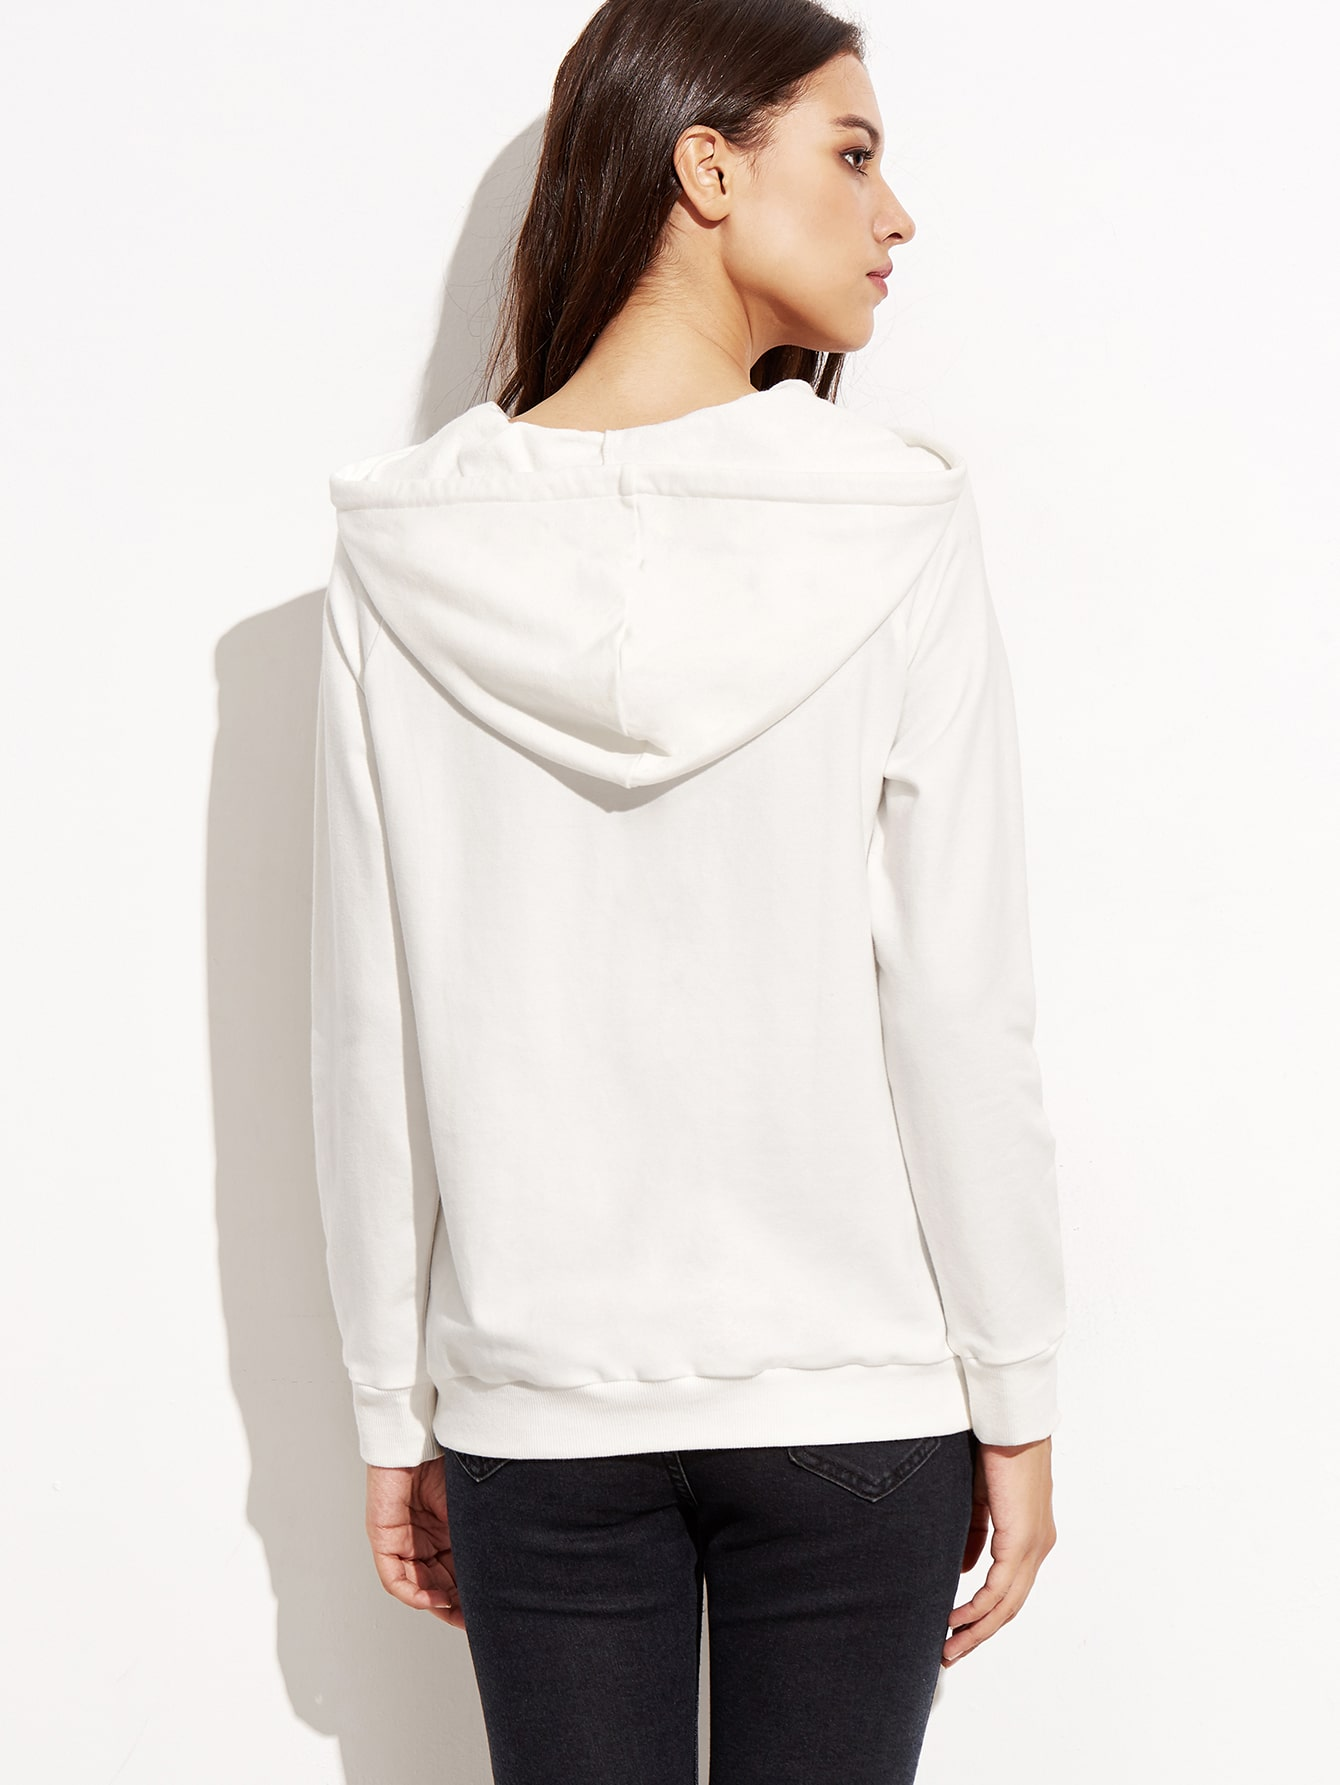 sweatshirt160830706_2